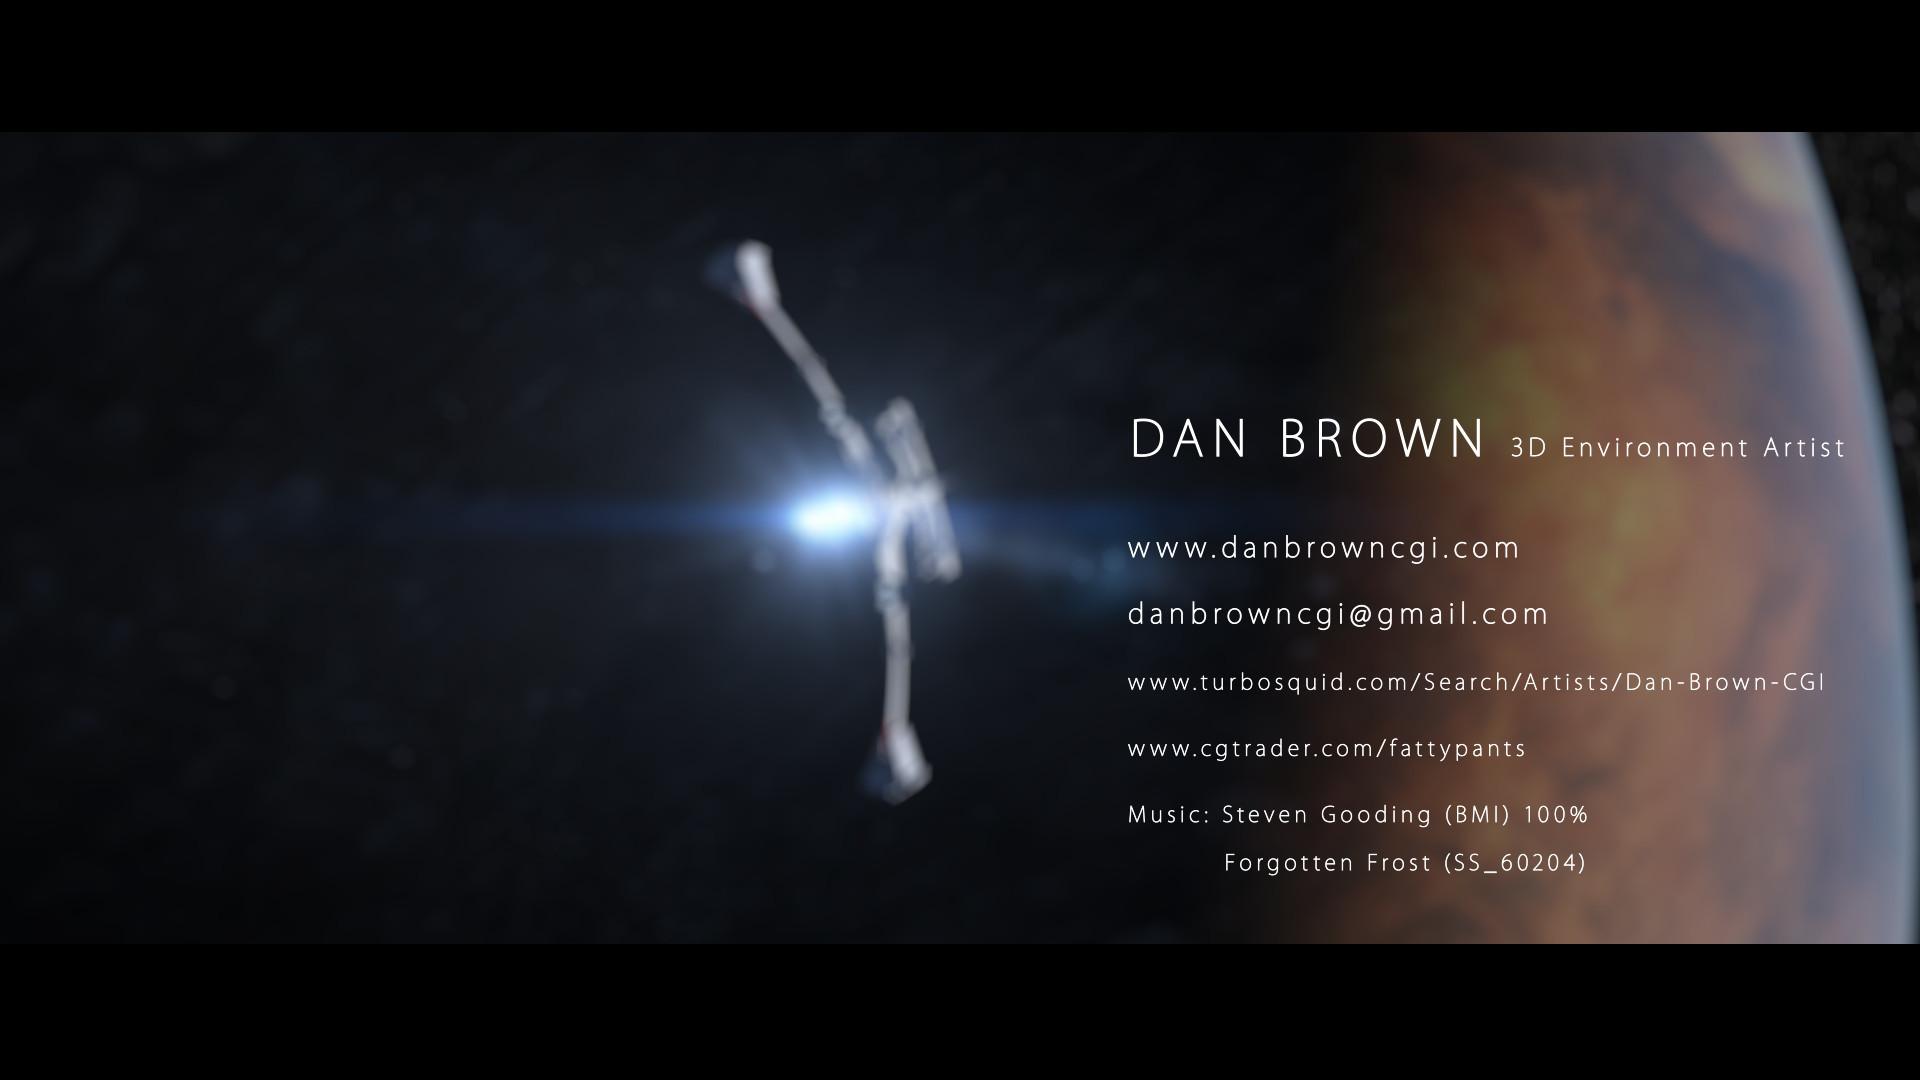 Daniel brown demo reel 2017 cover1